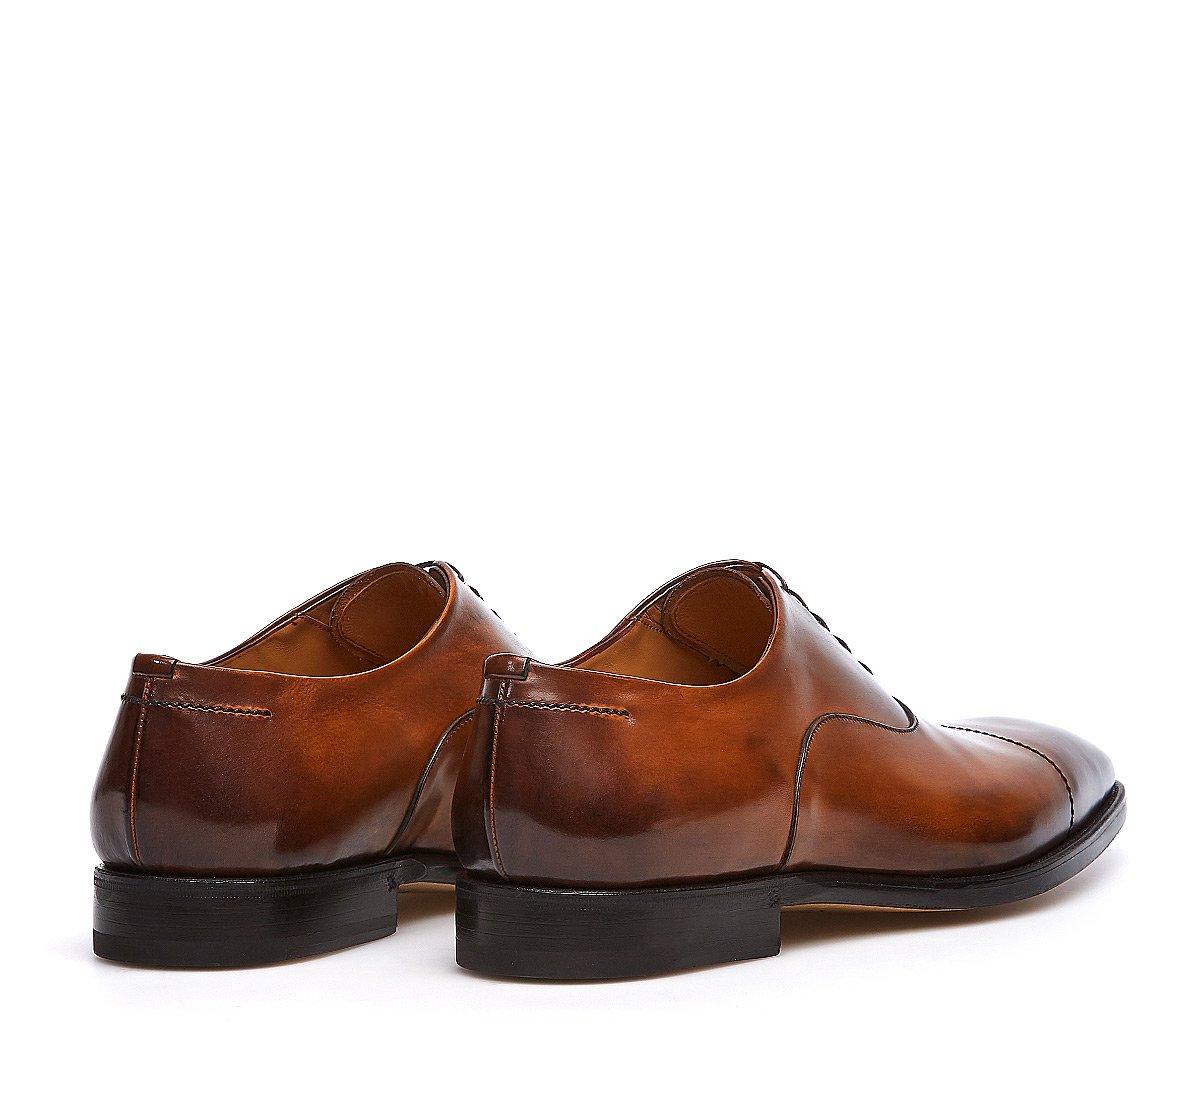 Мужские туфли Flex из телячьей кожи ручного дубления